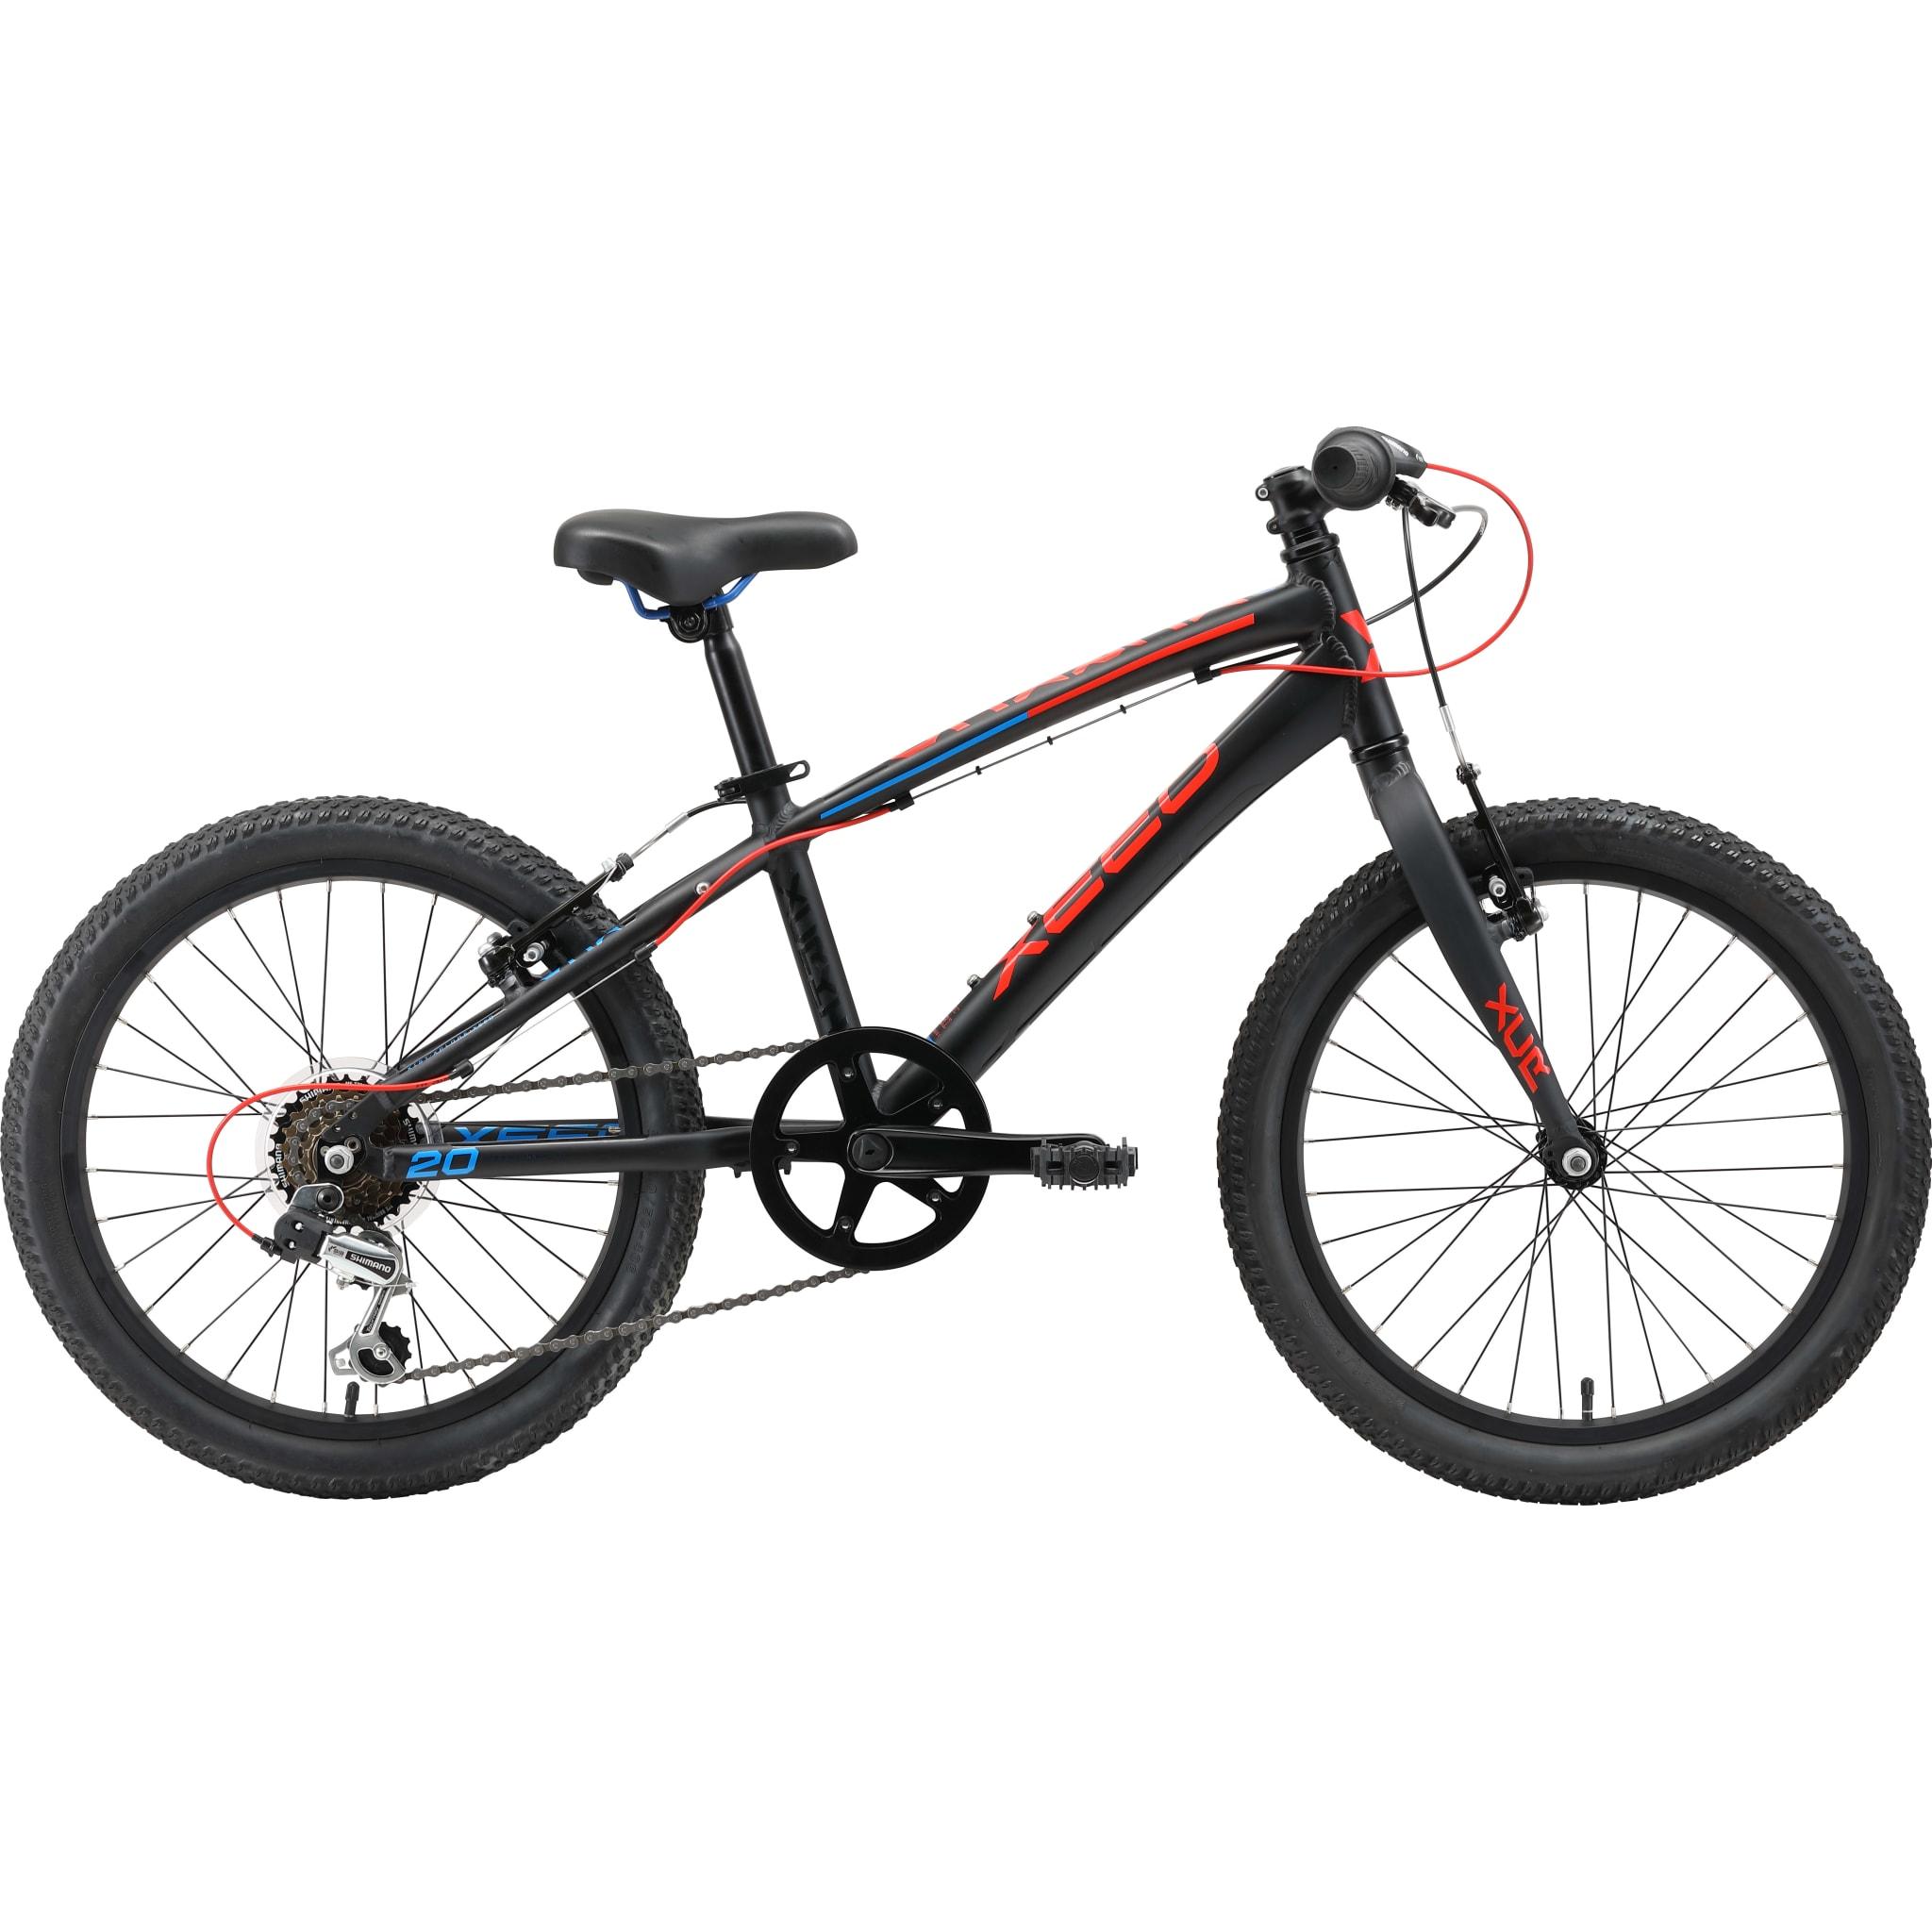 Tøffeste sykkelen i gata?